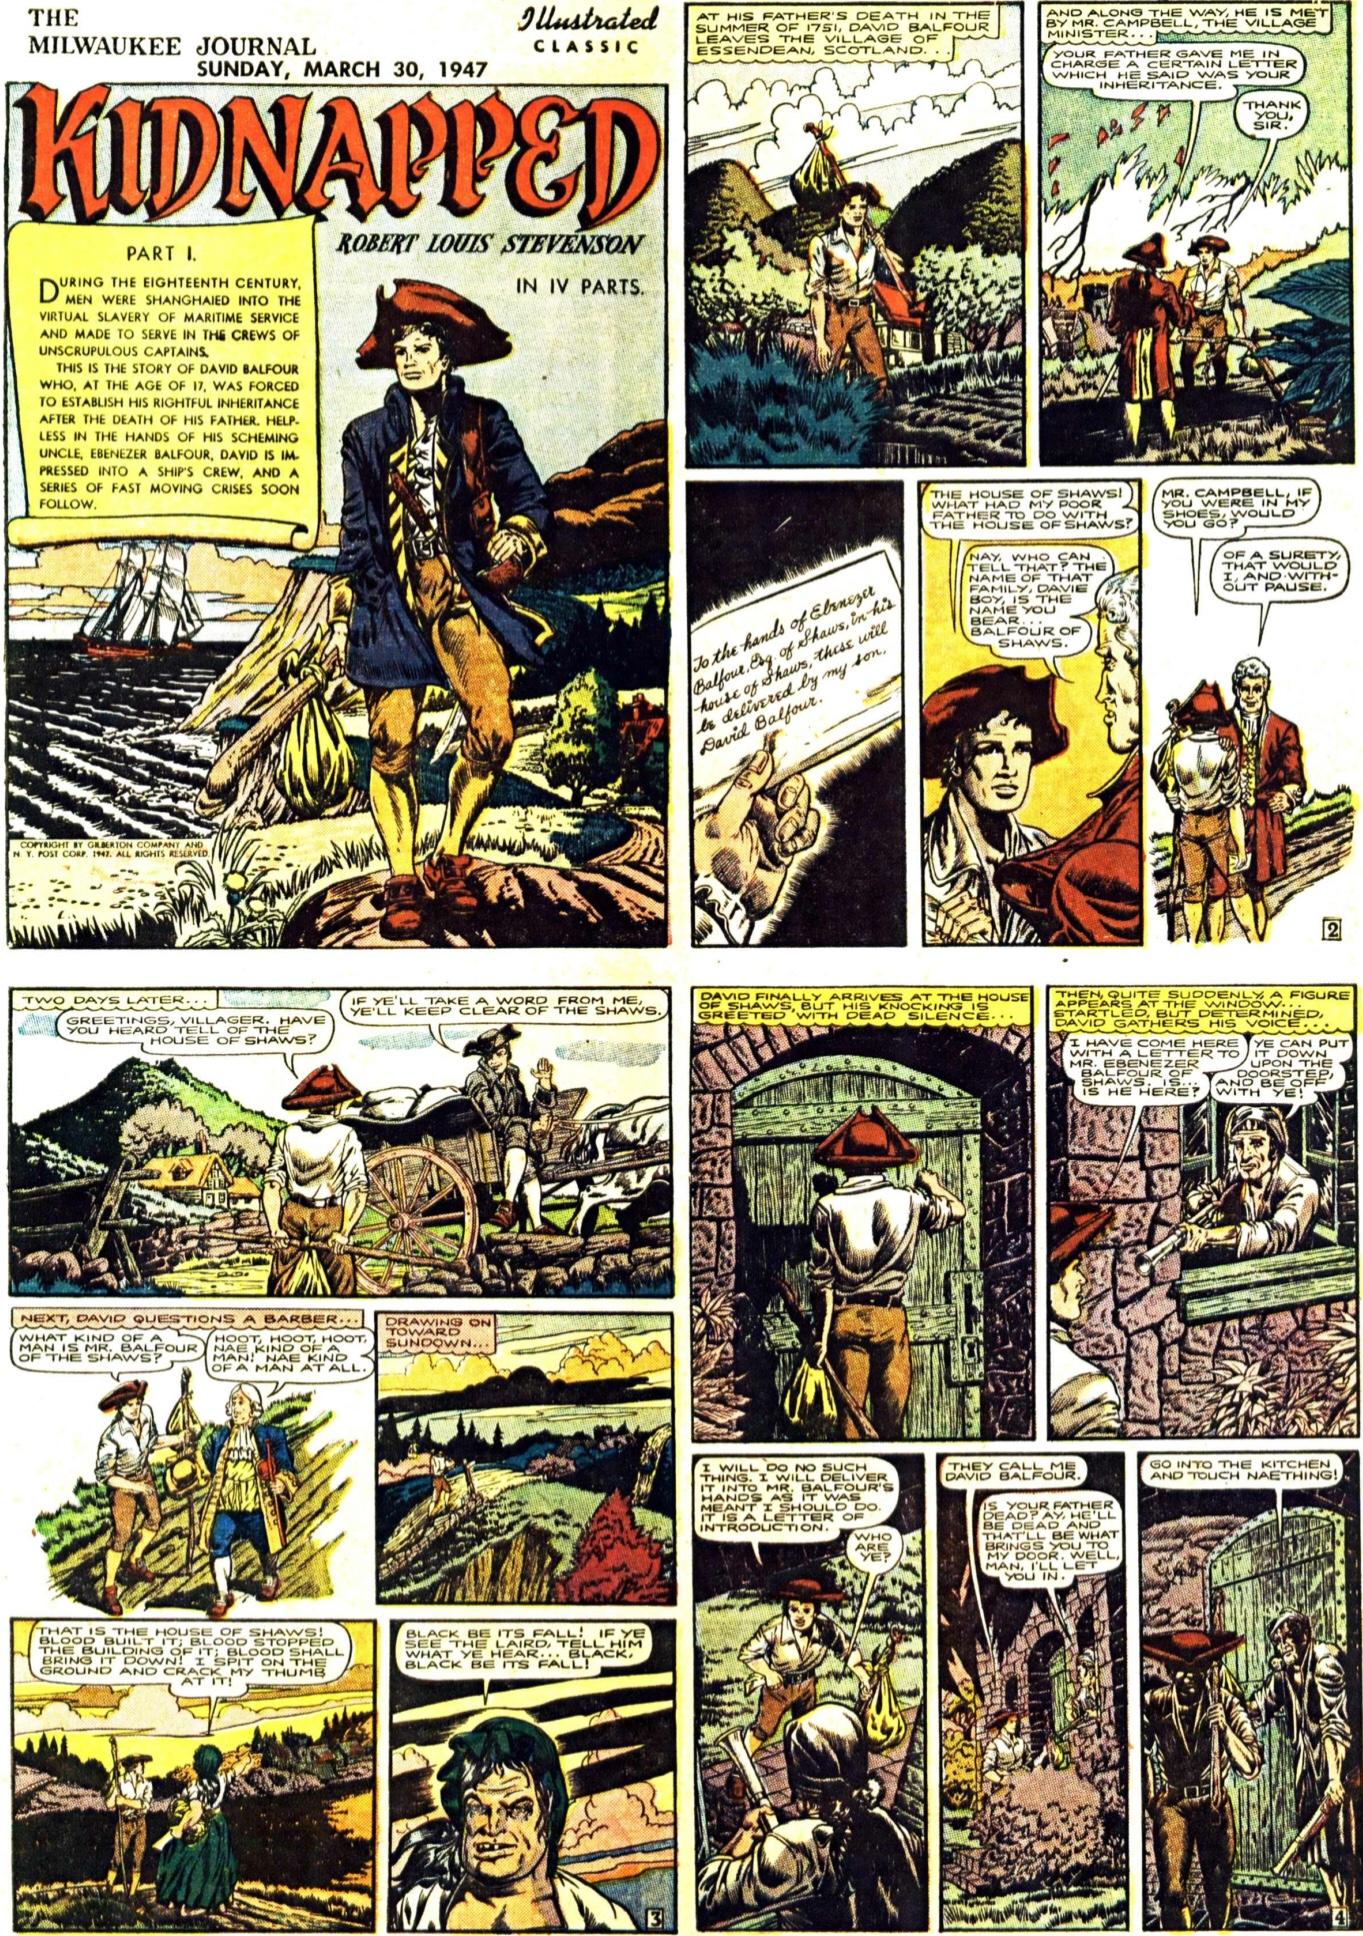 De första fyra sidorna i den första Illustrated Classic, från 30 mars 1947. En slags Illustrerade klassiker som söndagsbilaga.